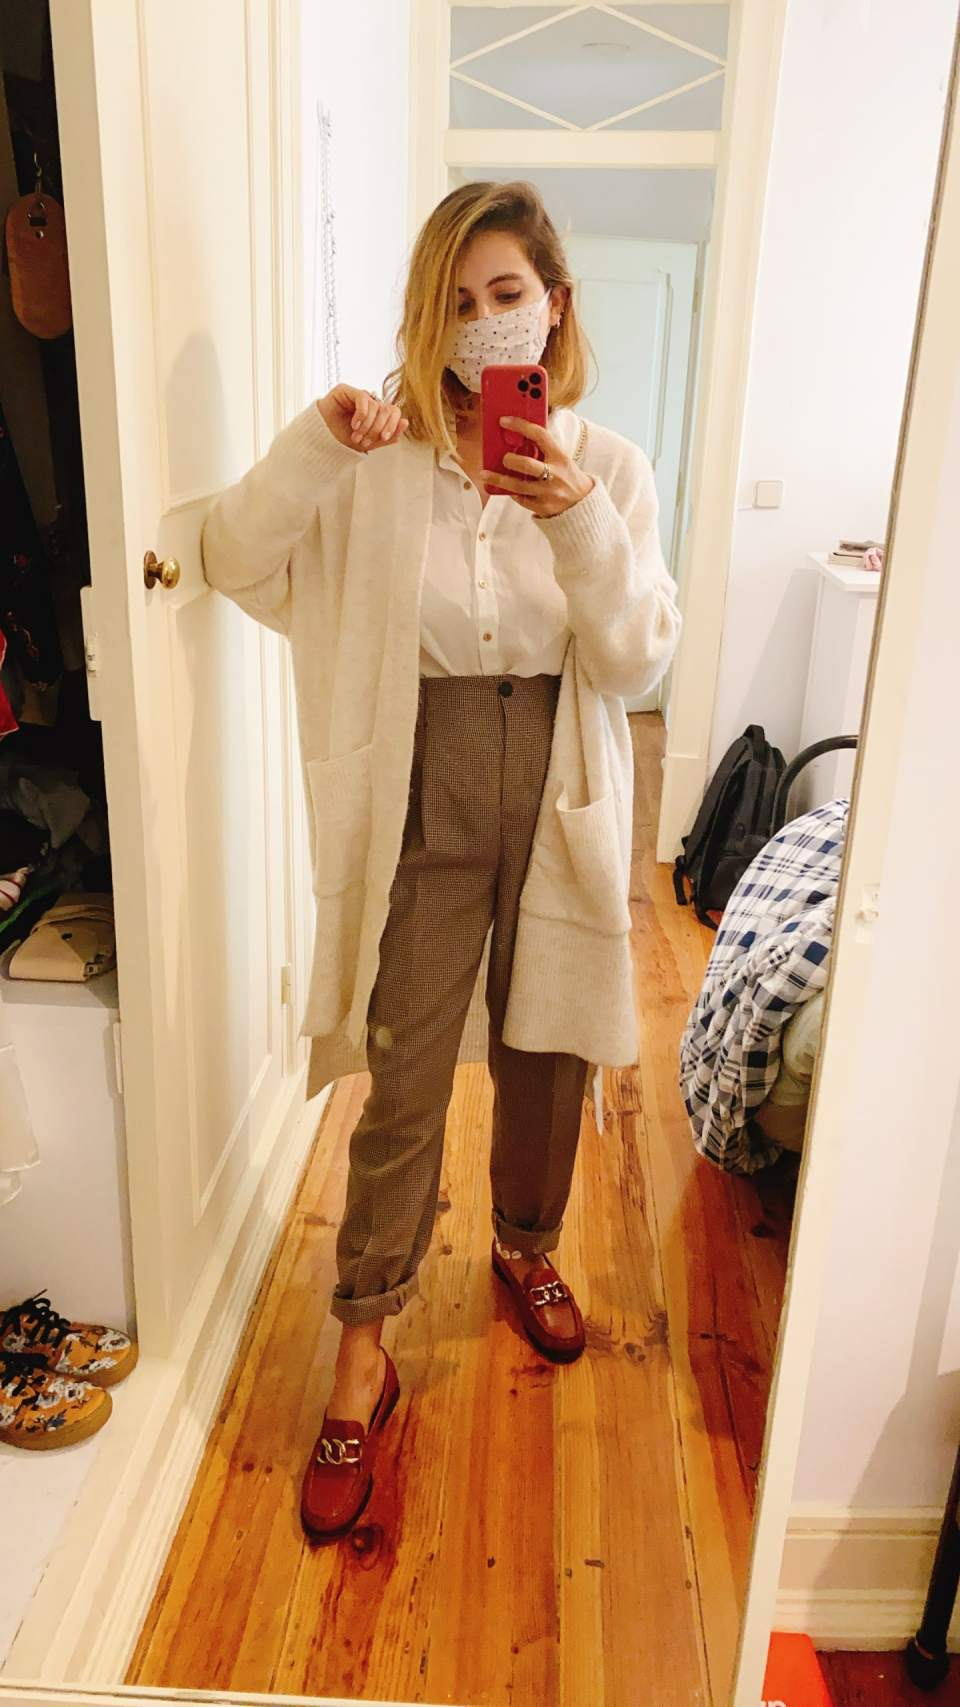 Marcie tira foto em frente ao espelho, com o celular na mão. O look é composto por uma máscara bege de flores, camisa branca com botões dourados, calça de alfaiataria com cintura bem alta marrom xadrez, cardigã branco alongado de lã e mocassim marrom de couro com argolas douradas.